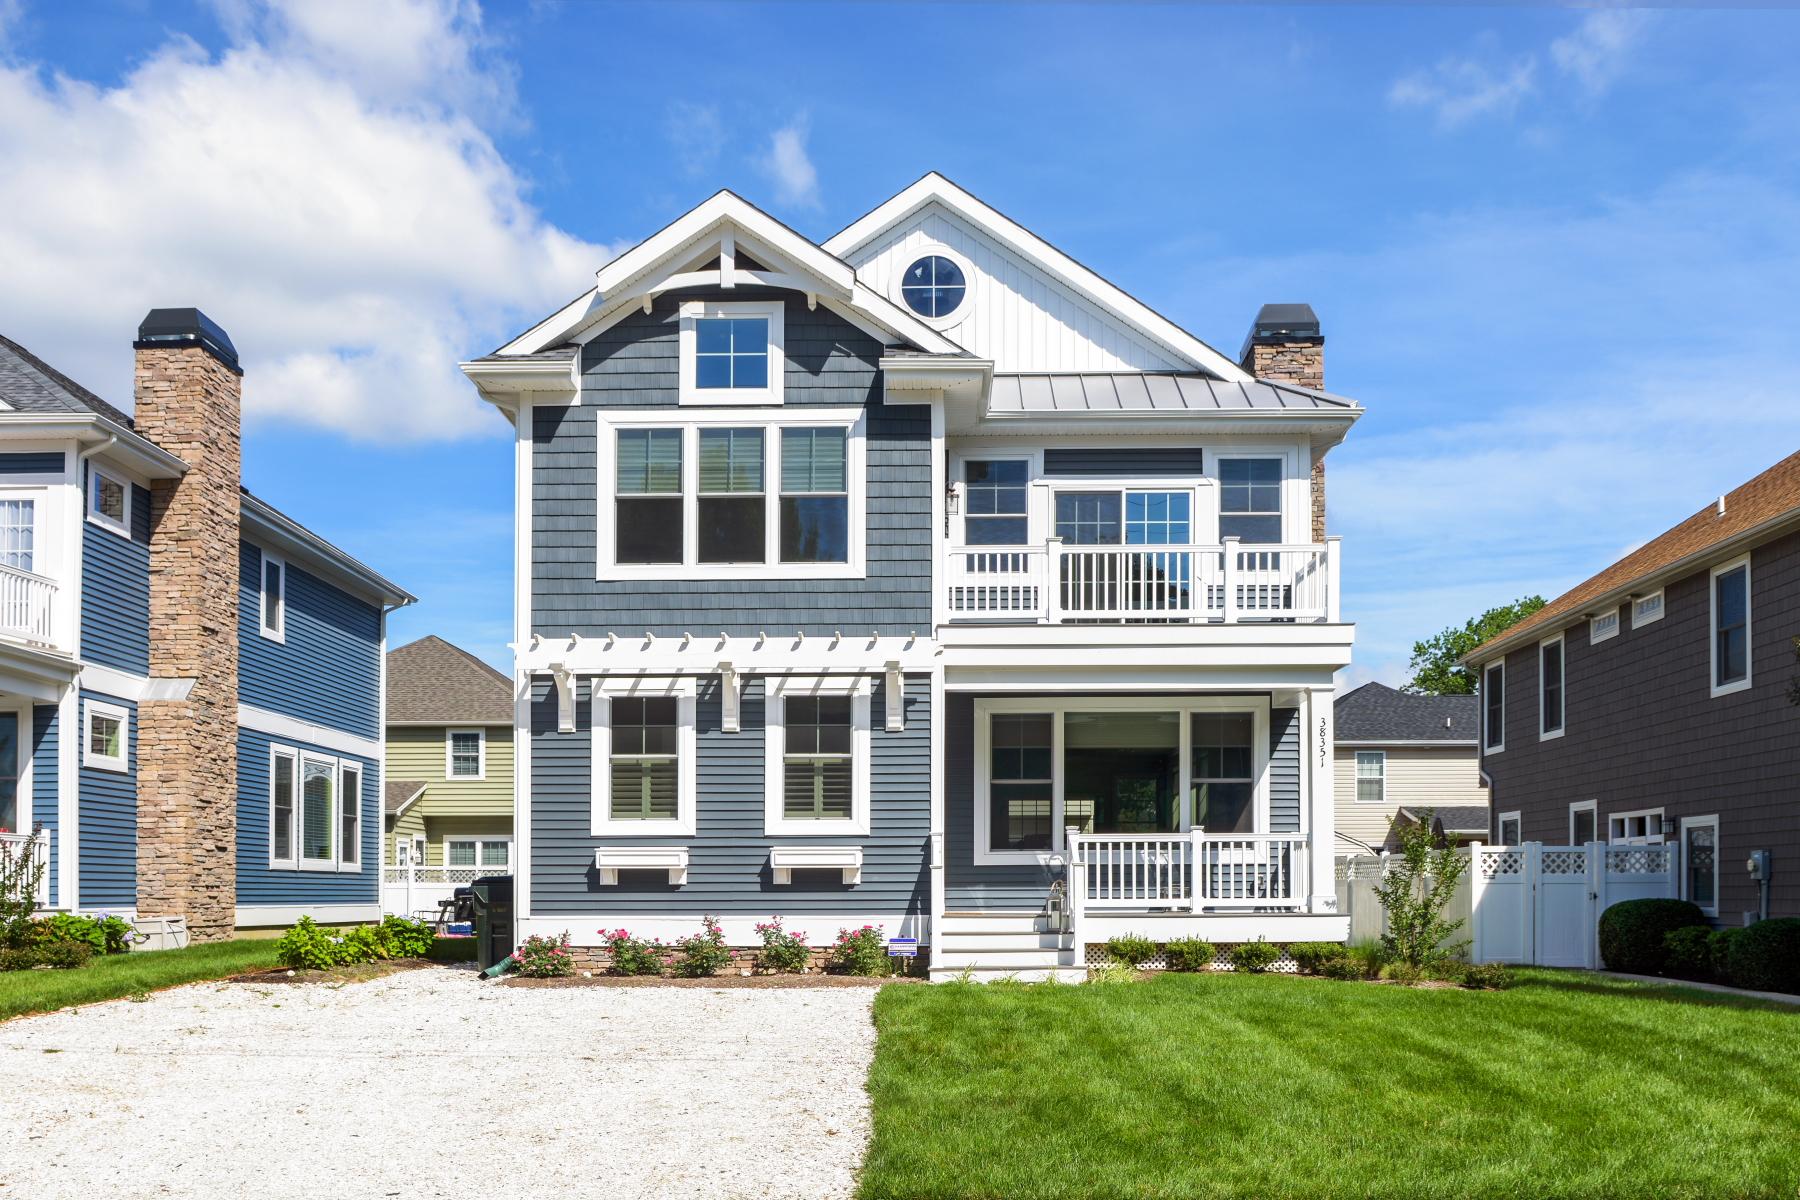 Частный односемейный дом для того Продажа на 207 Munson , Rehoboth Beach, DE 19971 207 Munson Rehoboth Beach, Delaware 19971 United States